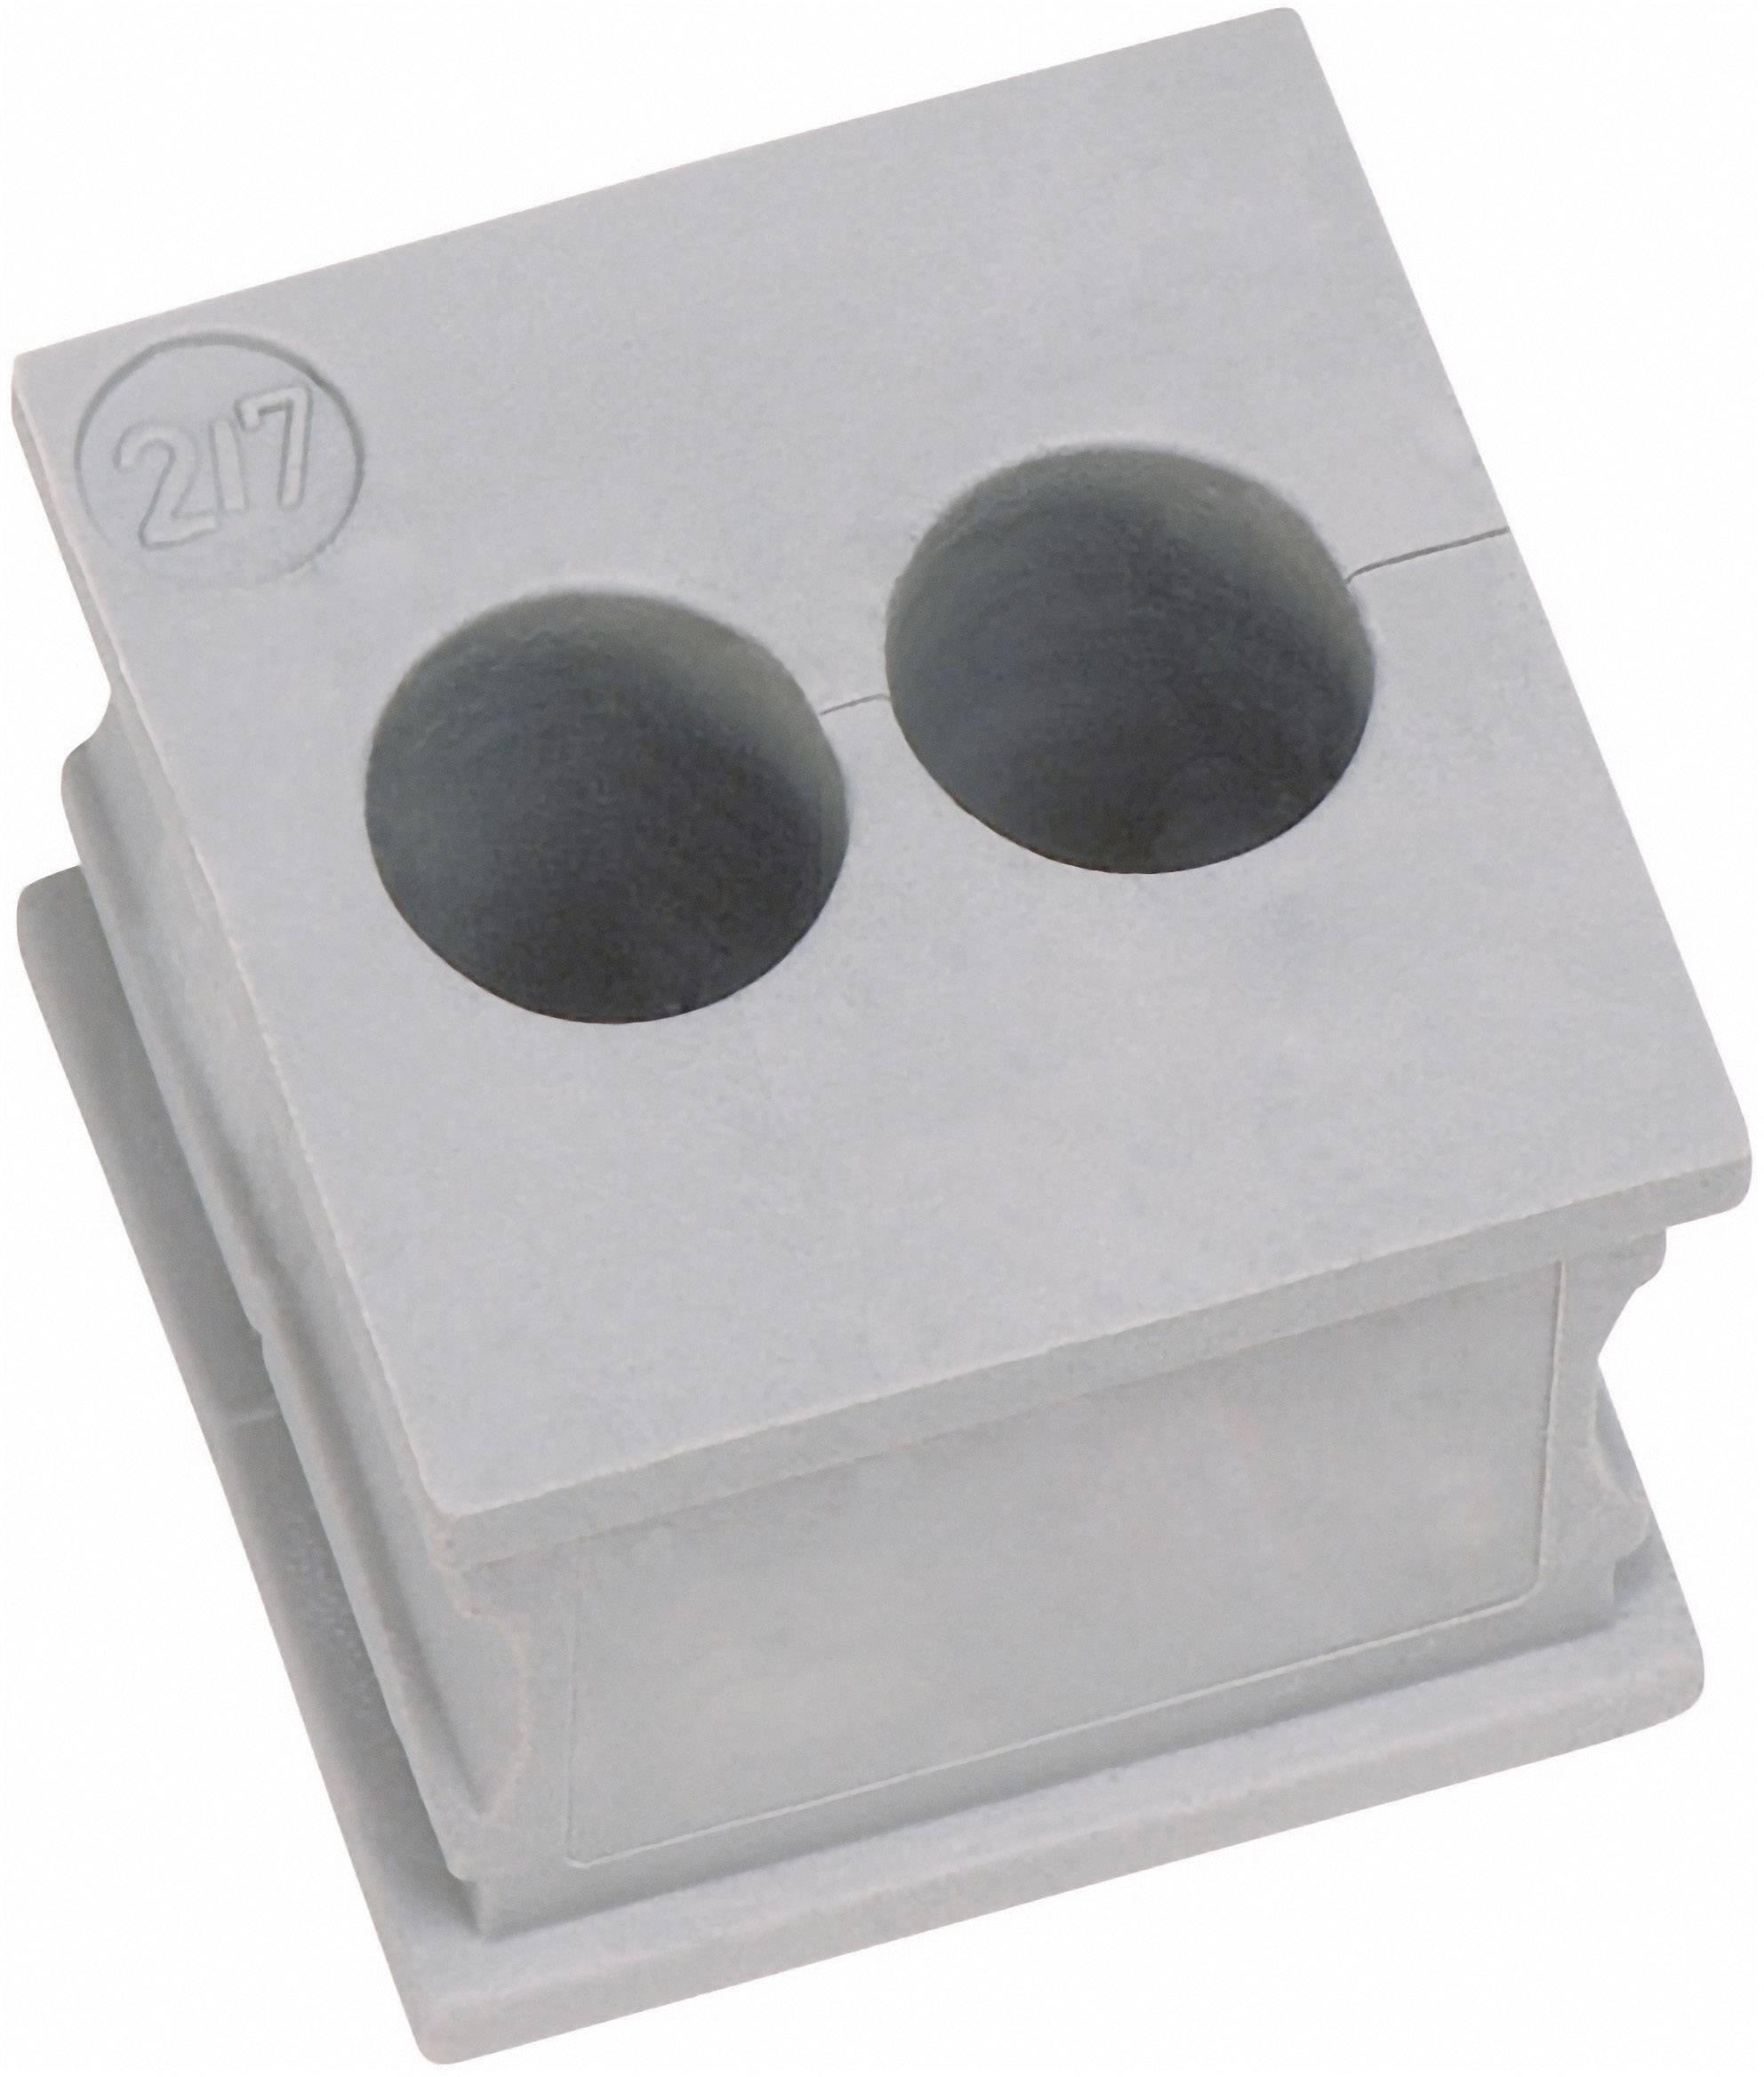 Icotek Kabelska kapa KT majhna, KT 2/6 za kabel- 2 x 6 mm, elastomer, siva